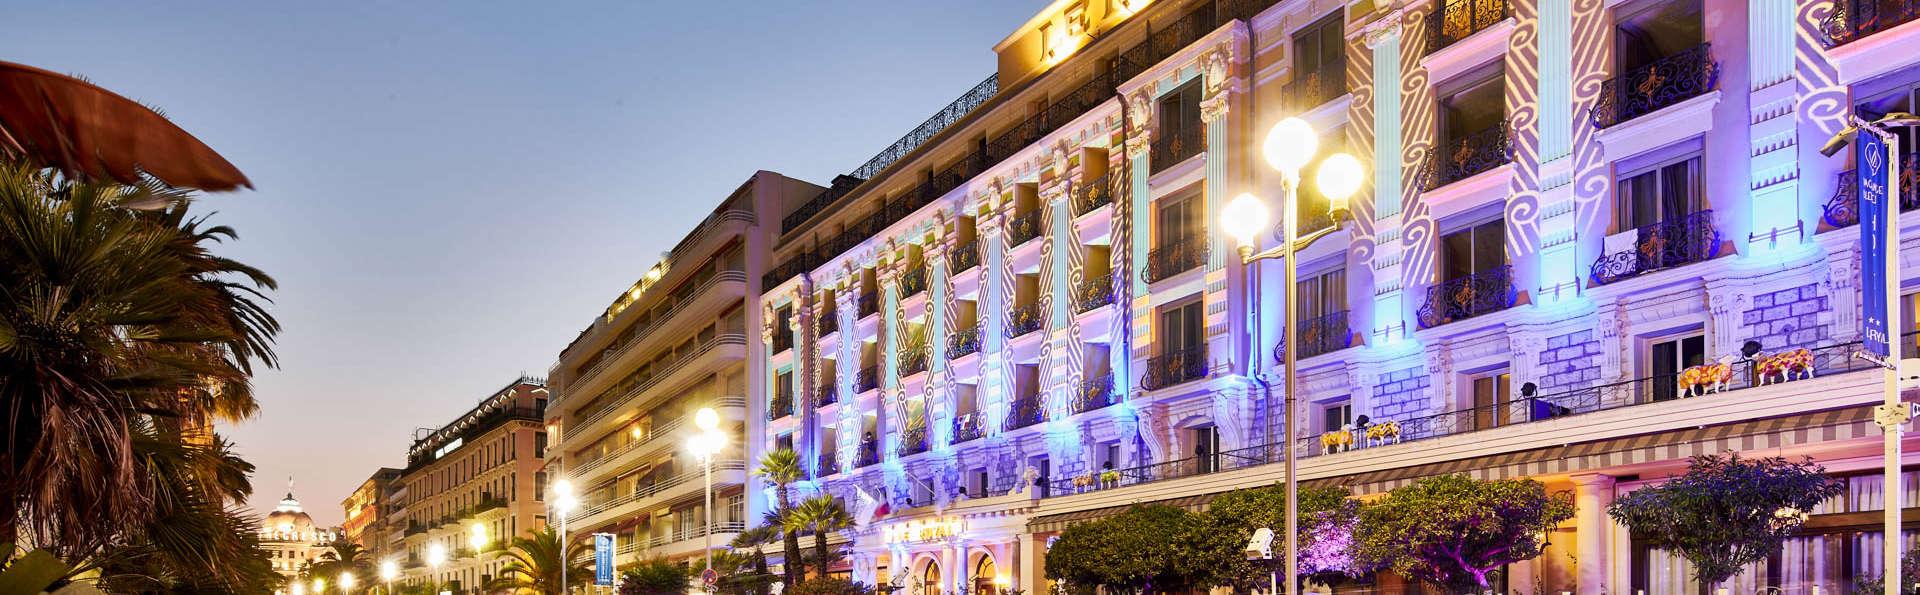 Week-end découverte au coeur de Nice